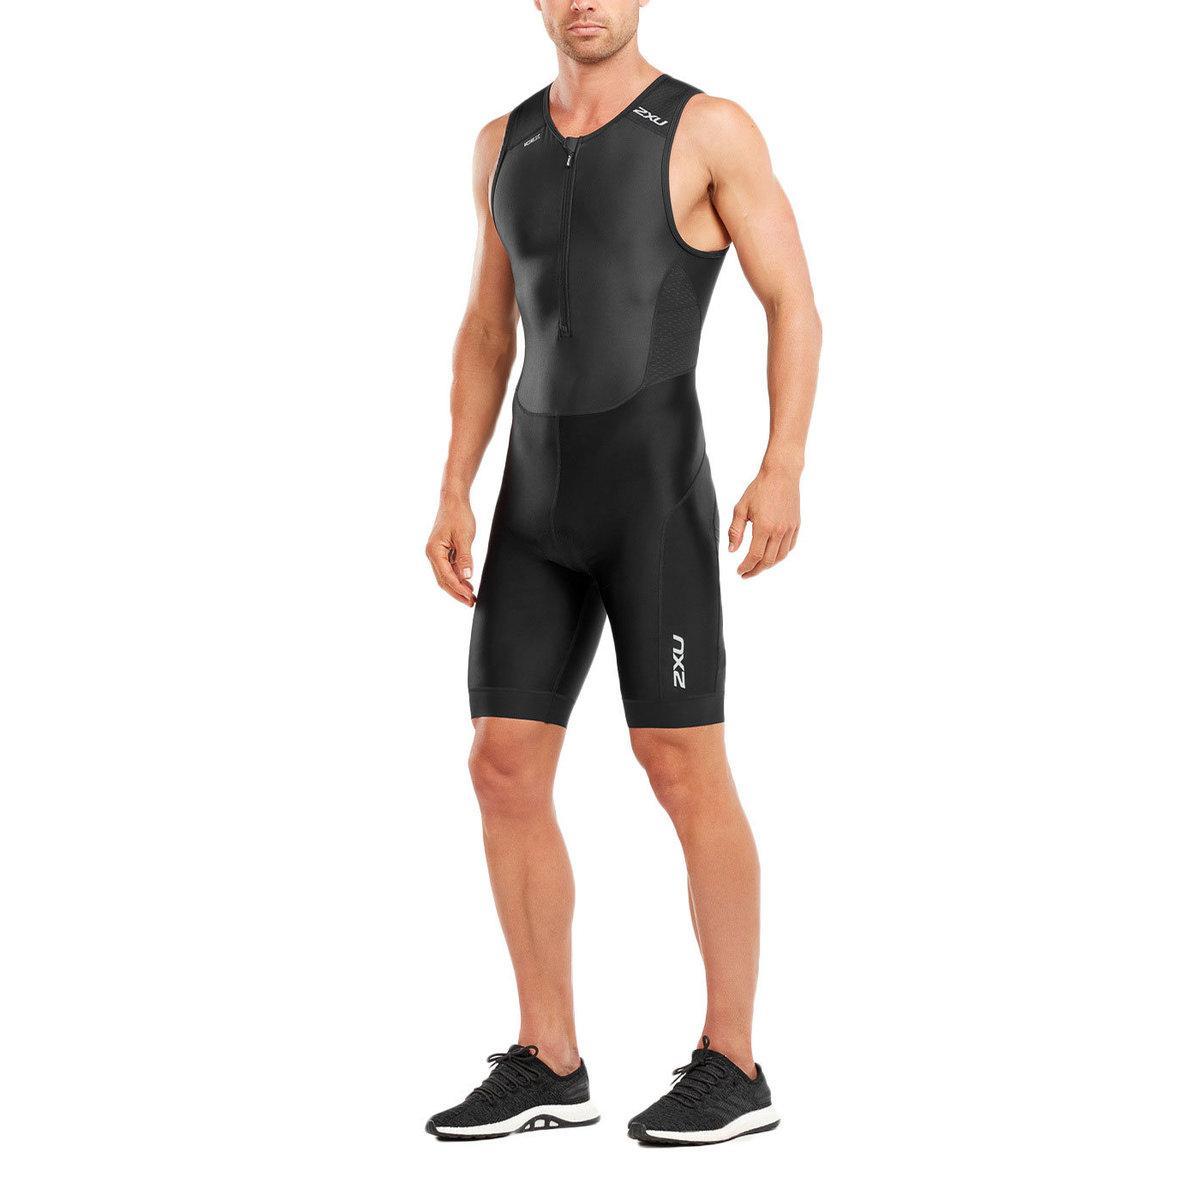 dee07399c8 Lyst - 2XU Perform Front Zip Tri Suit in Black for Men